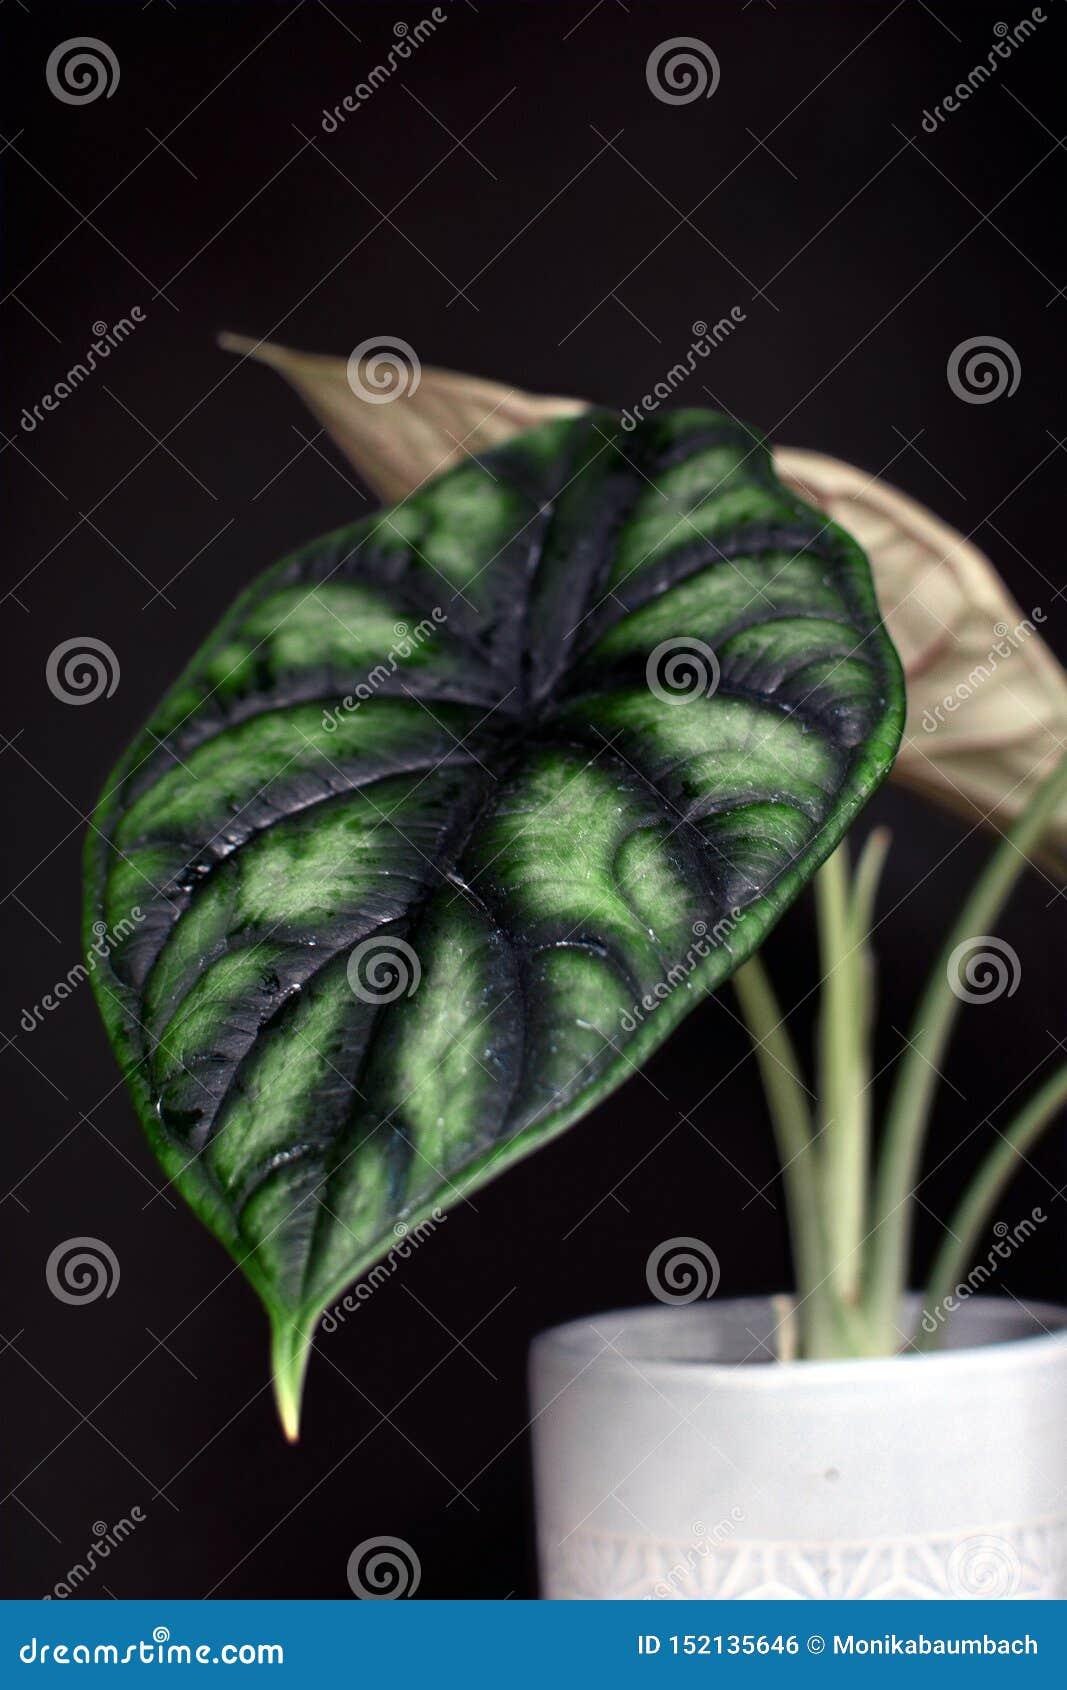 Planta em pasta exótica da casa de Baginda Cuprea Dragon Scale do Alocasia no fundo preto escuro